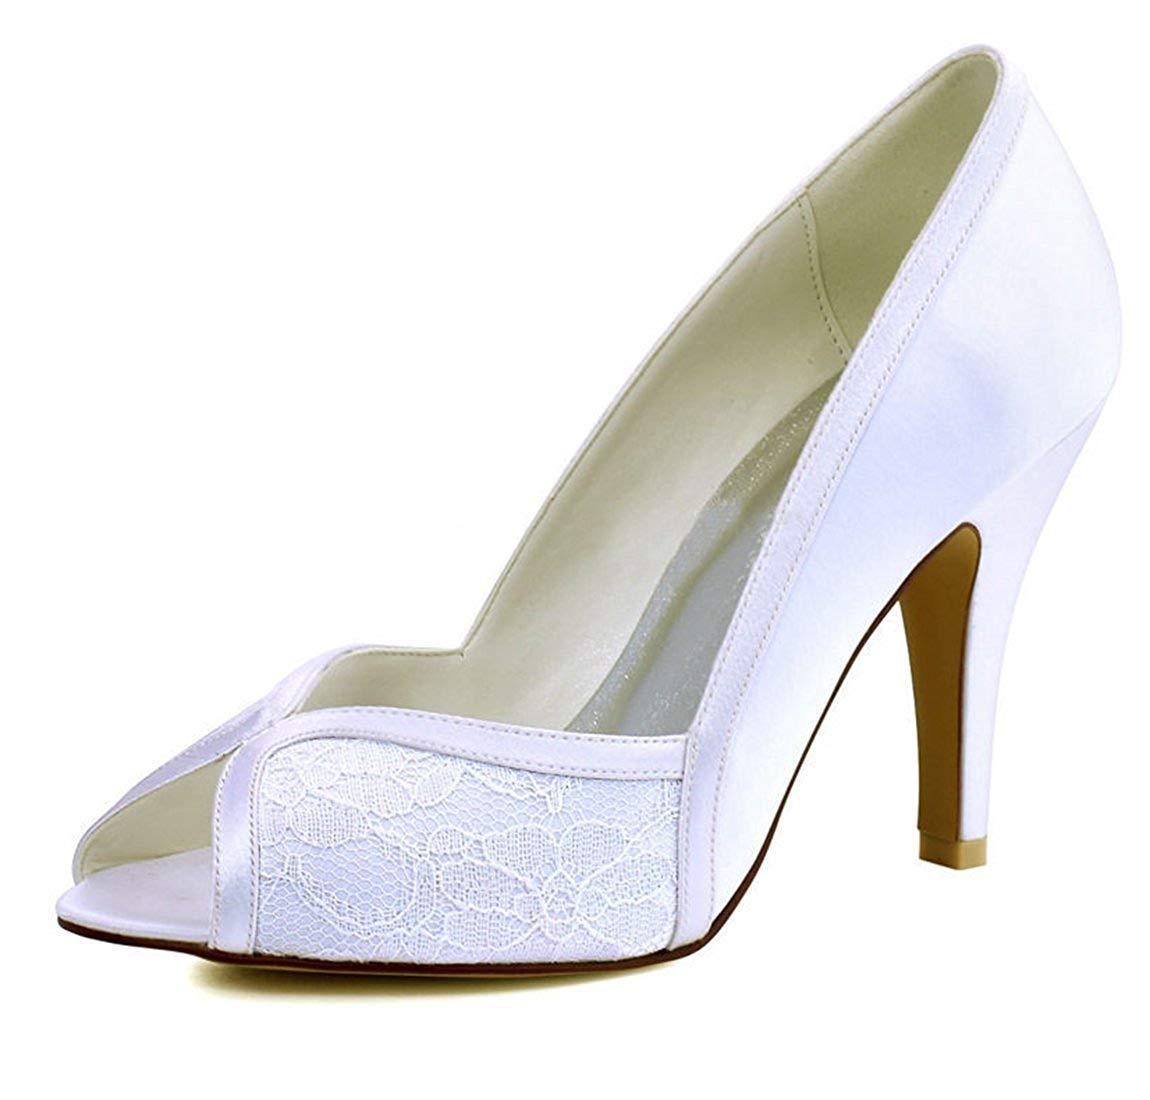 ZHRUI Damen Peep Toe zweifarbig Elfenbein Spitze Satin Braut Hochzeit Abend Sandalen UK 2.5 (Farbe   -, Größe   -)